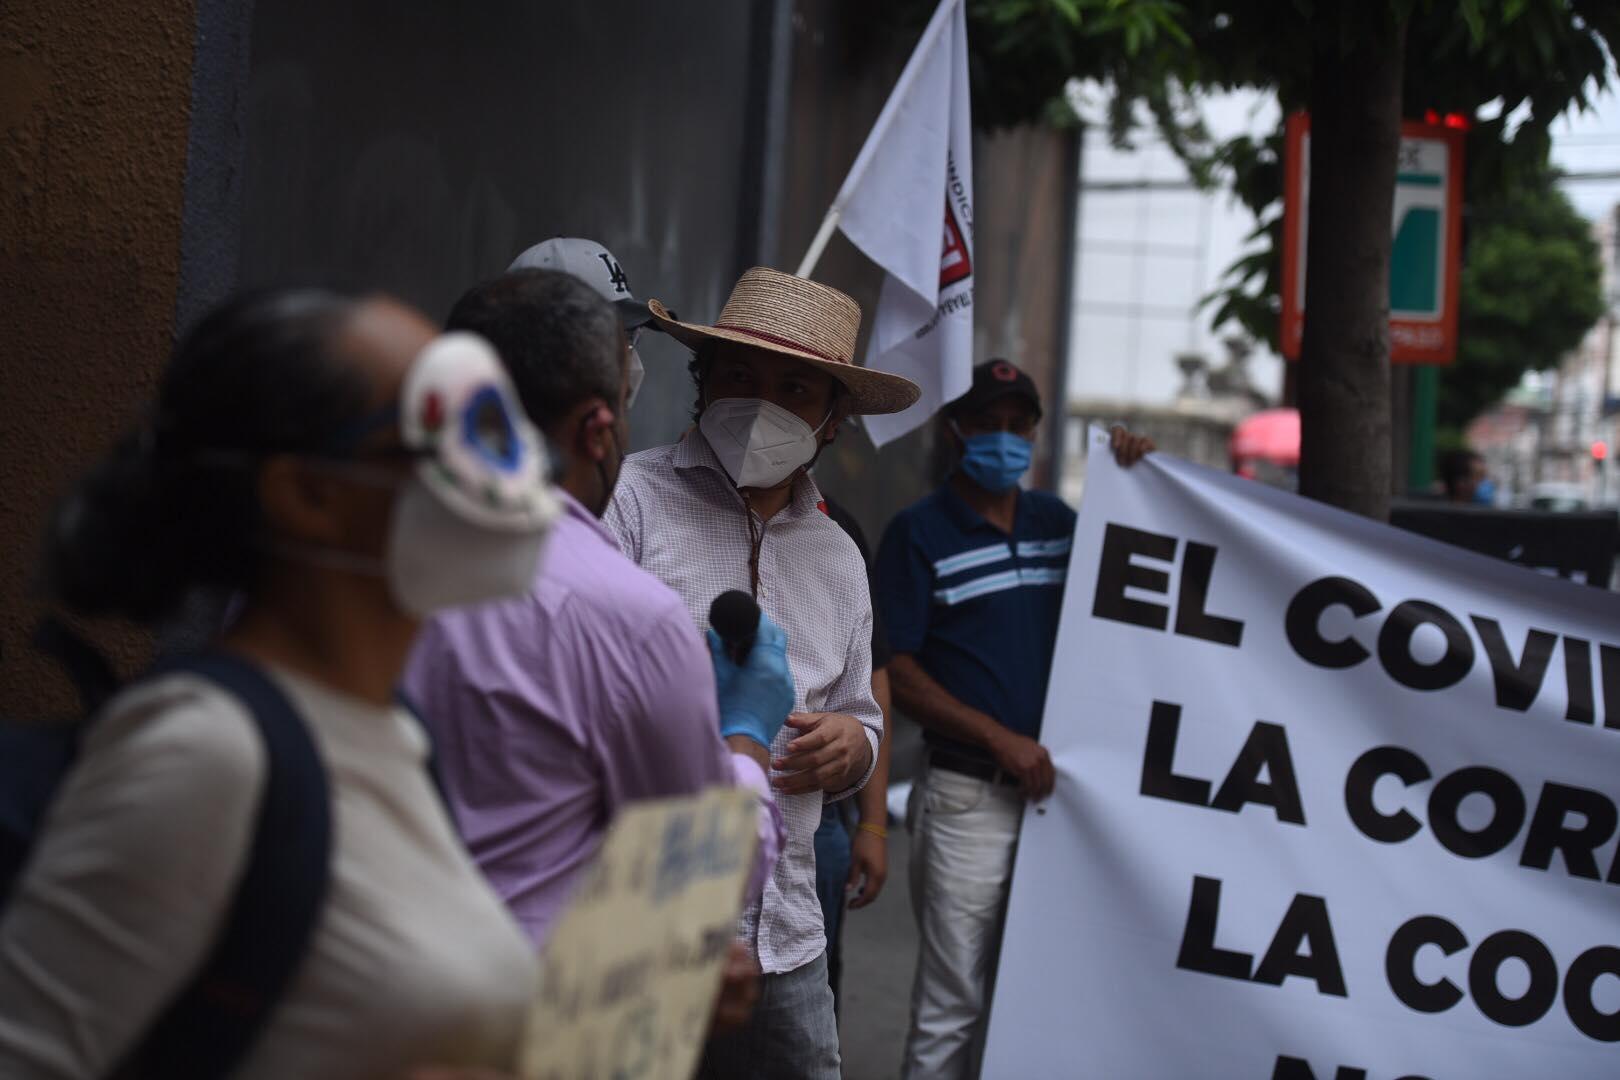 manifestación frente al Congreso para que se elijan Cortes